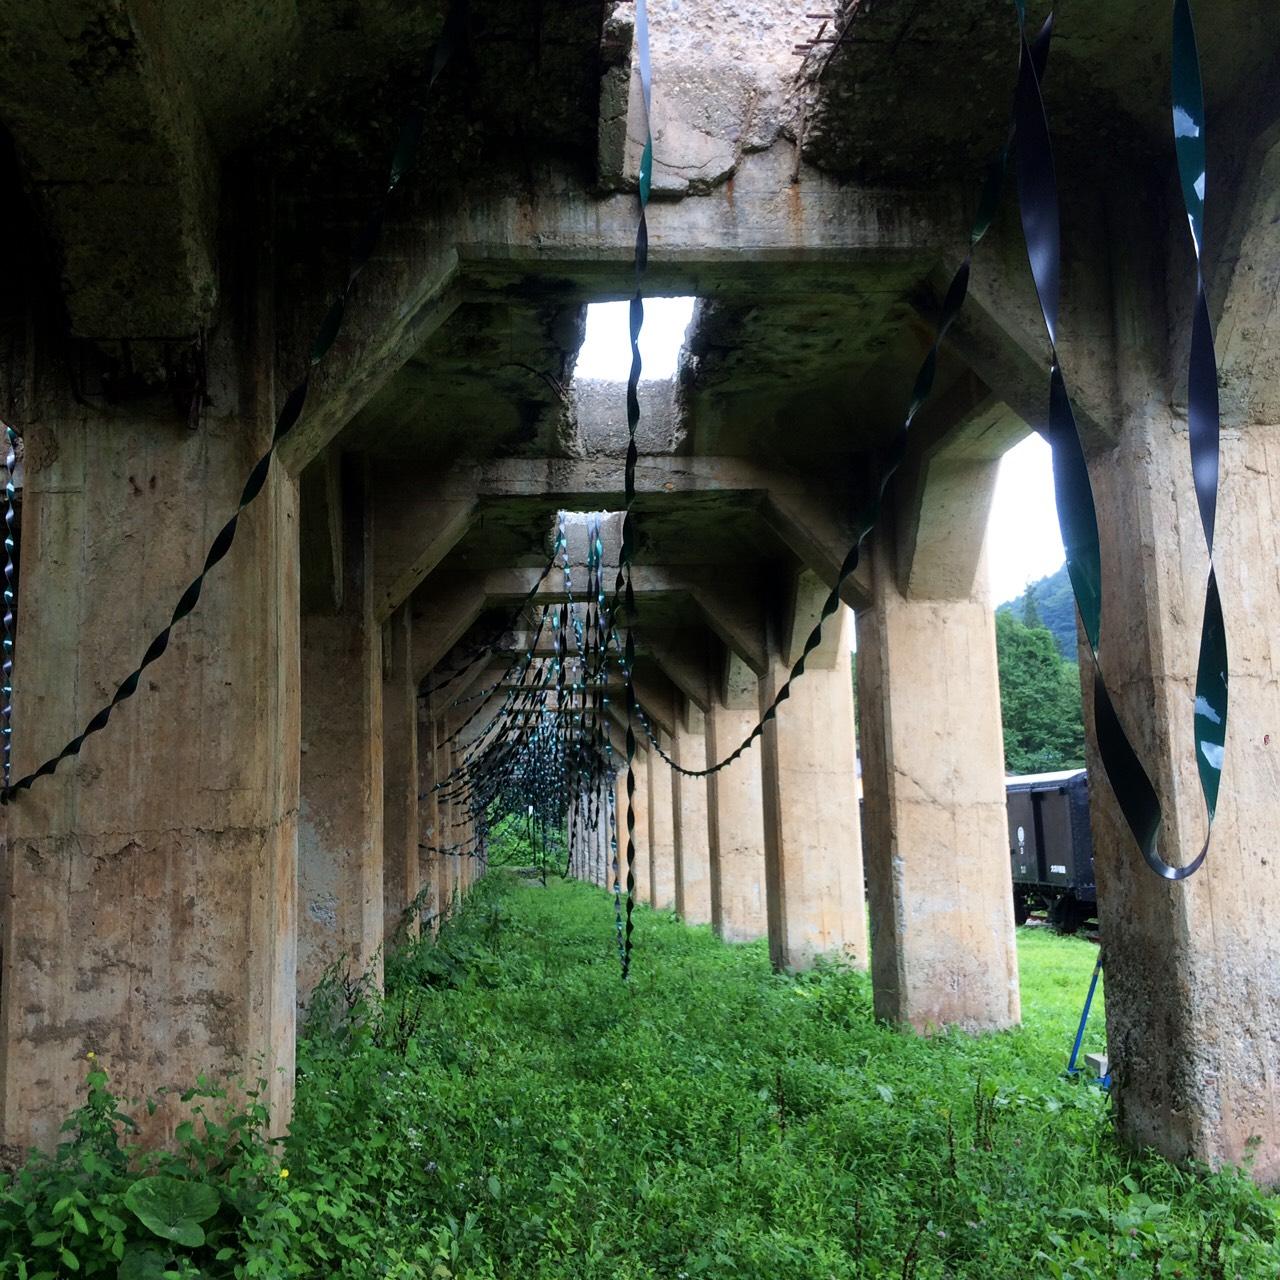 中之条ビエンナーレ2019 – 六合エリア